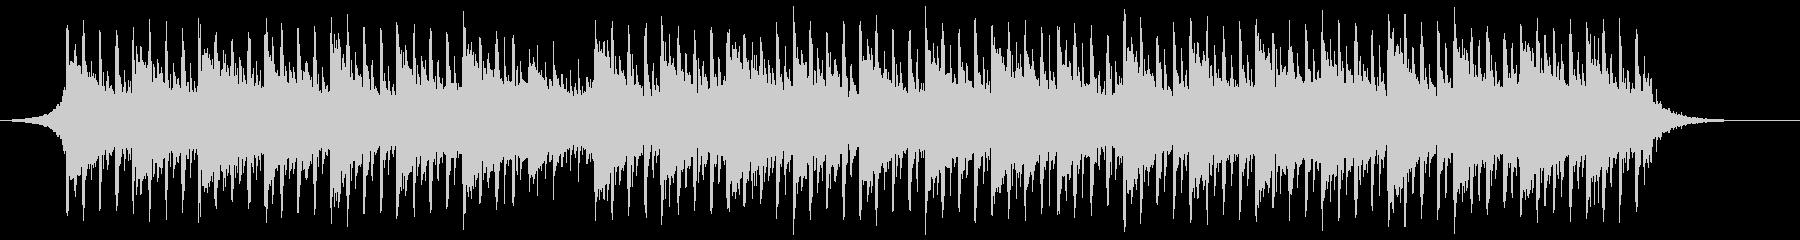 最小テクノロジー(60秒)の未再生の波形